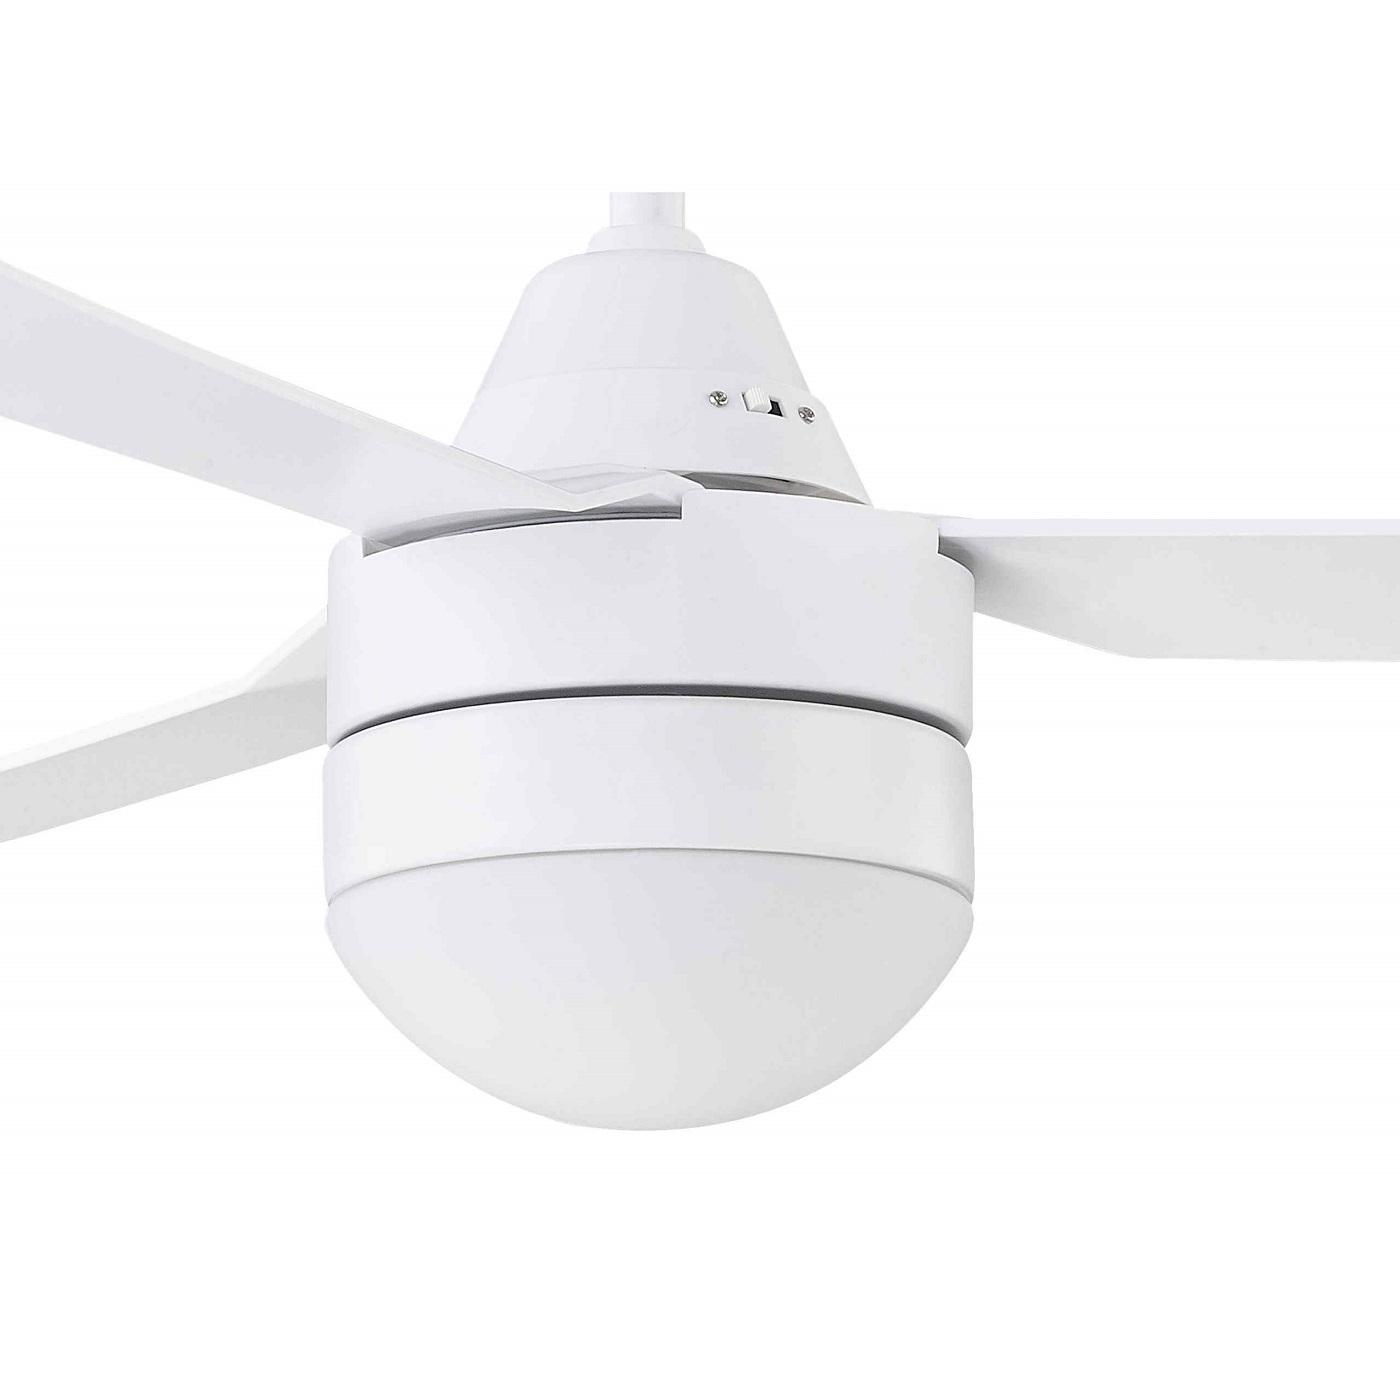 Stropný ventilátor Bayside Megara 531016